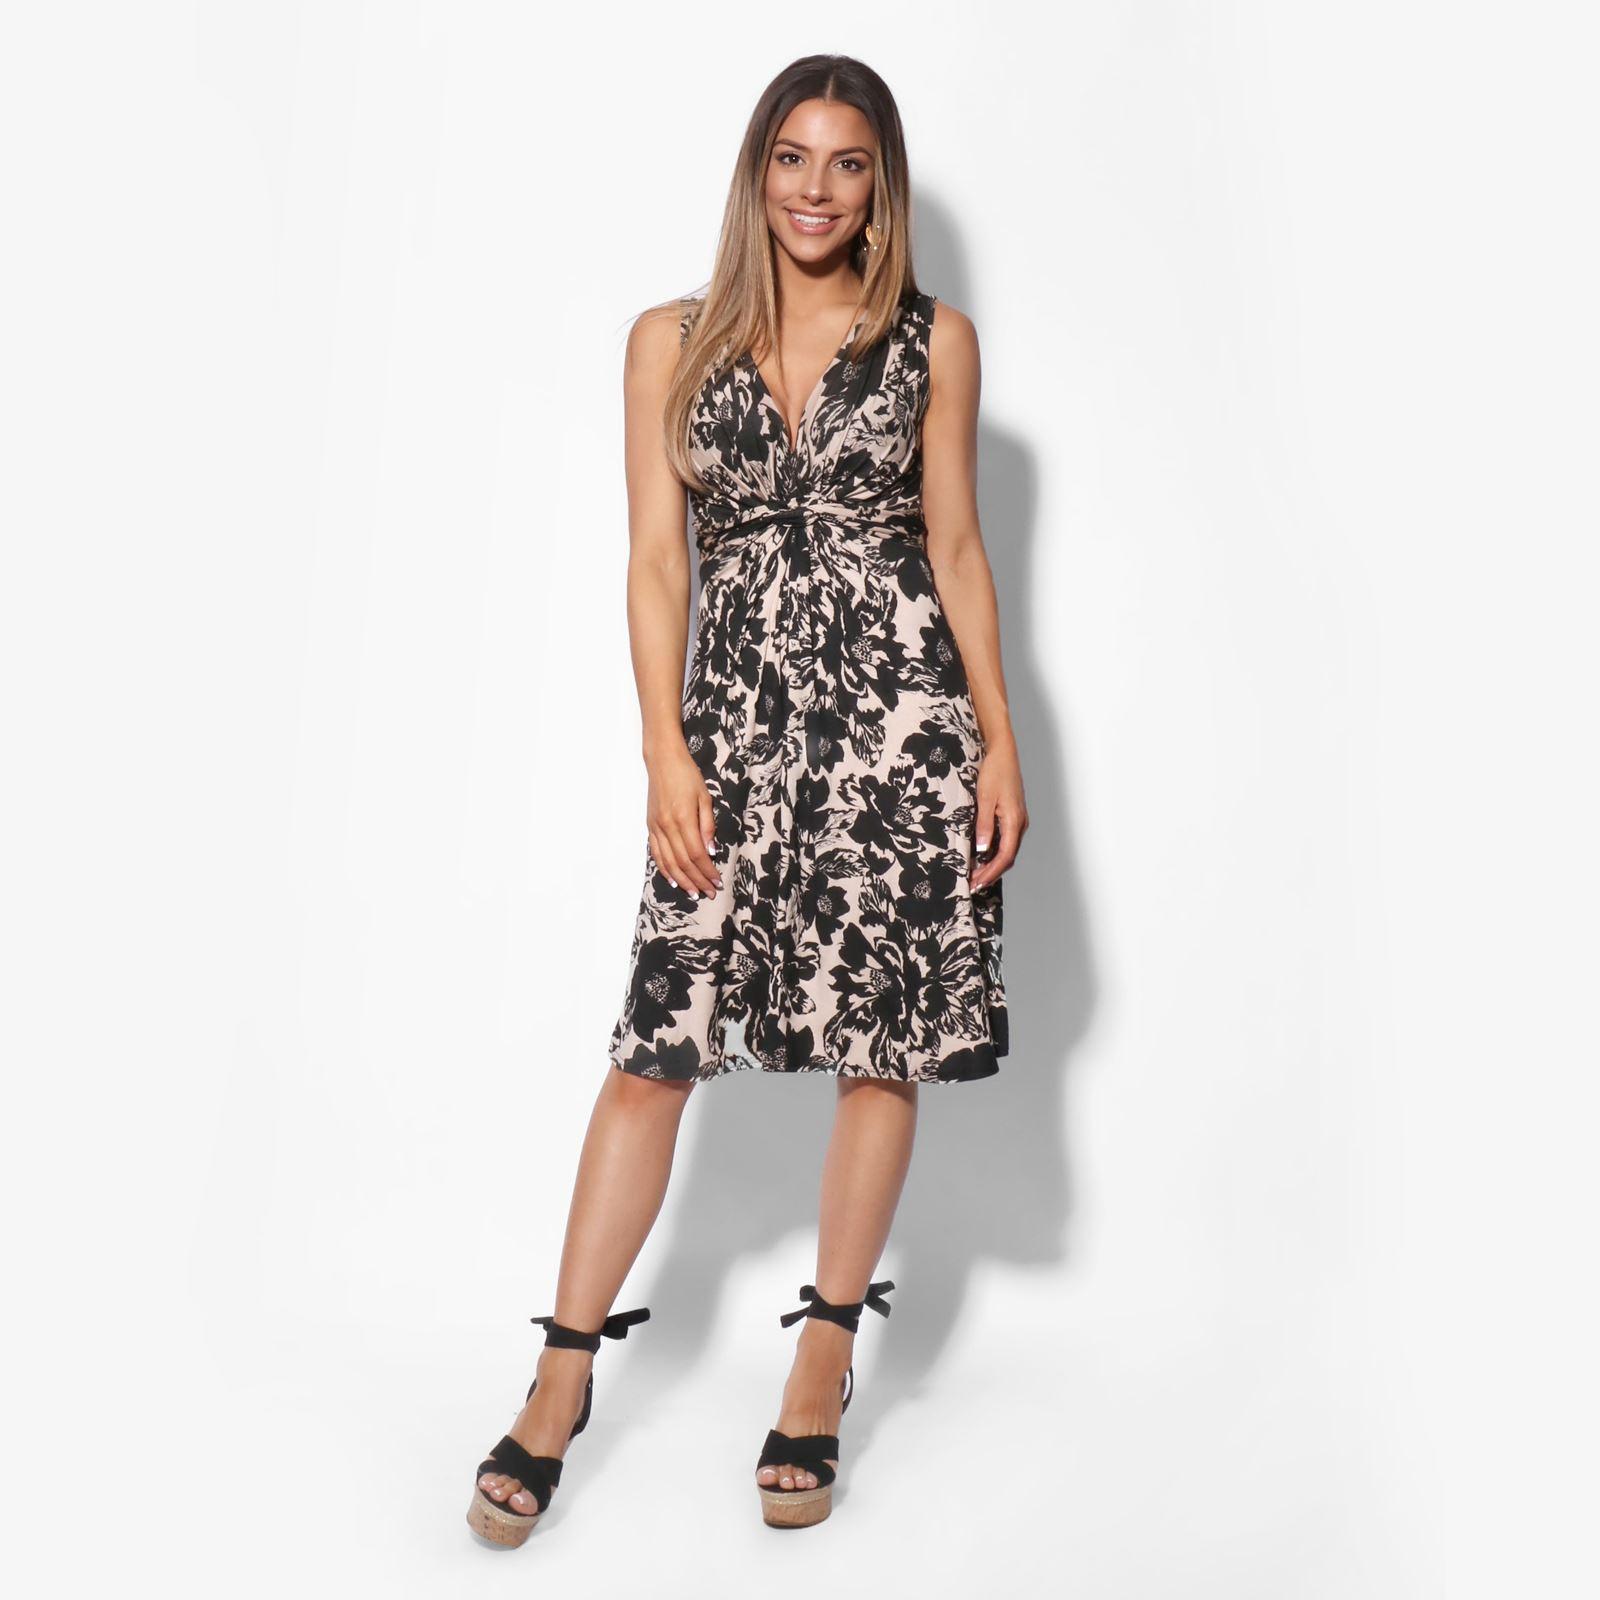 Damen Mini Kleid Blumenmuster Wickelkleid Sommerkleid V